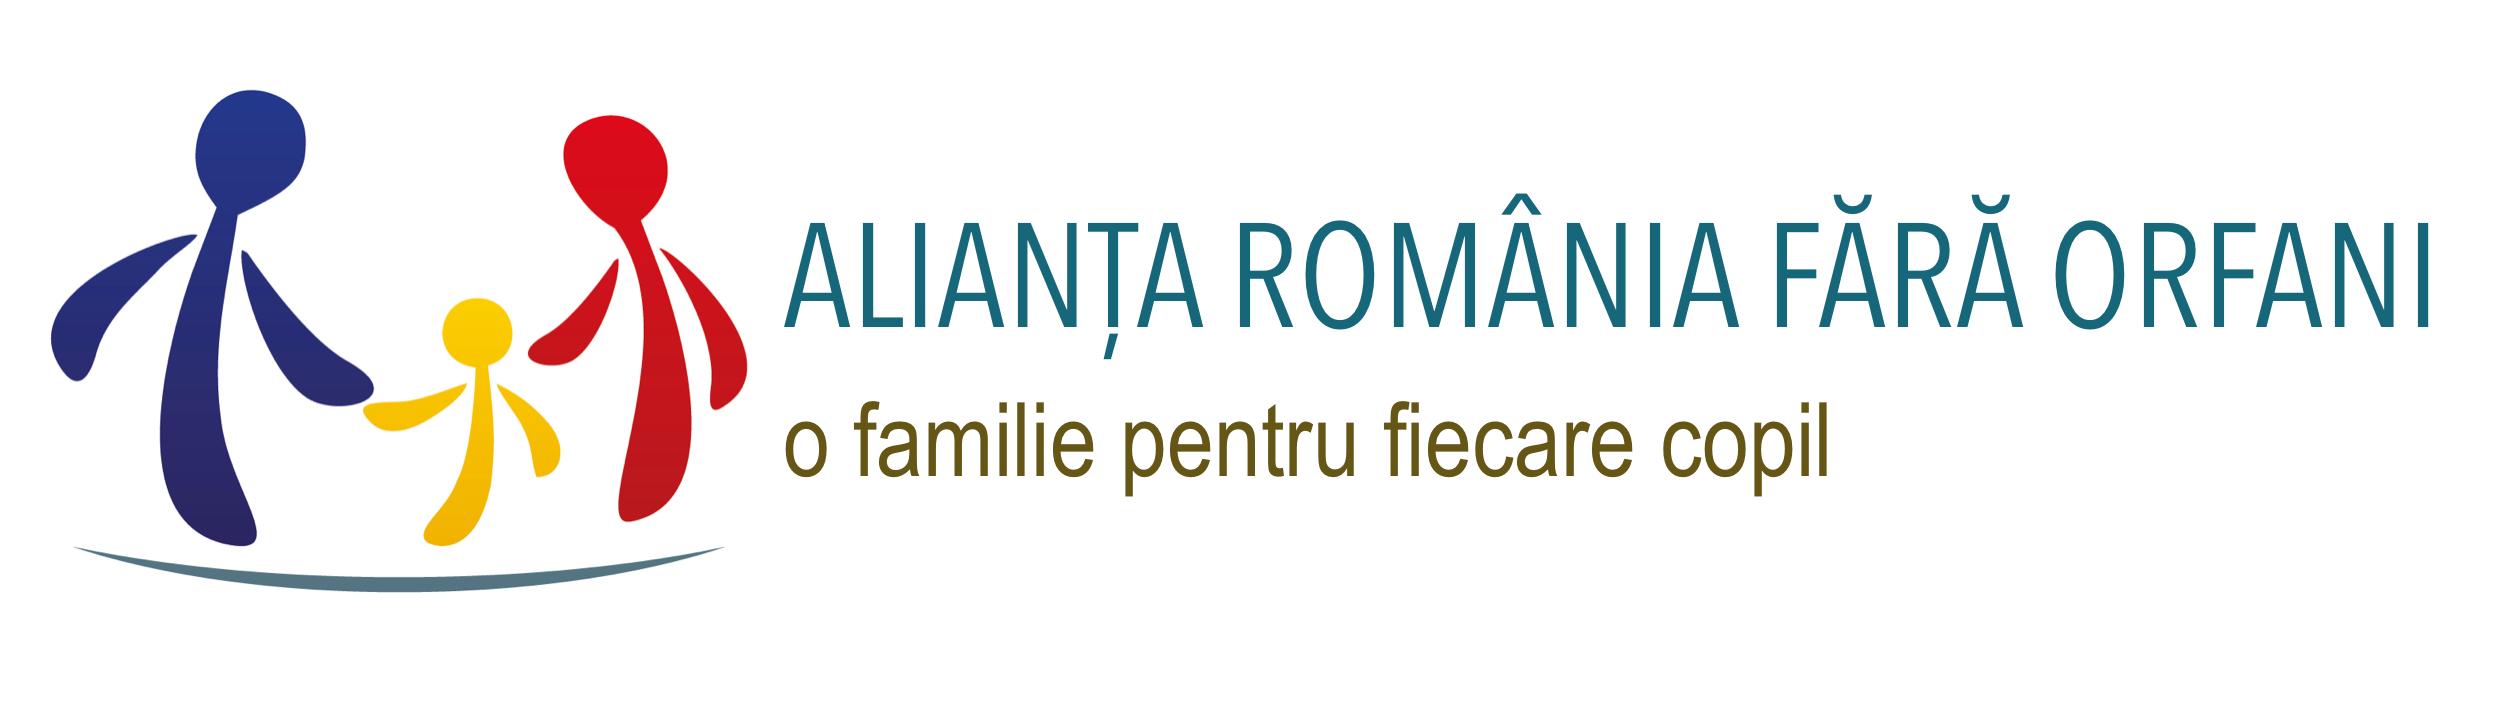 Aociația Alianța România fără Orfani